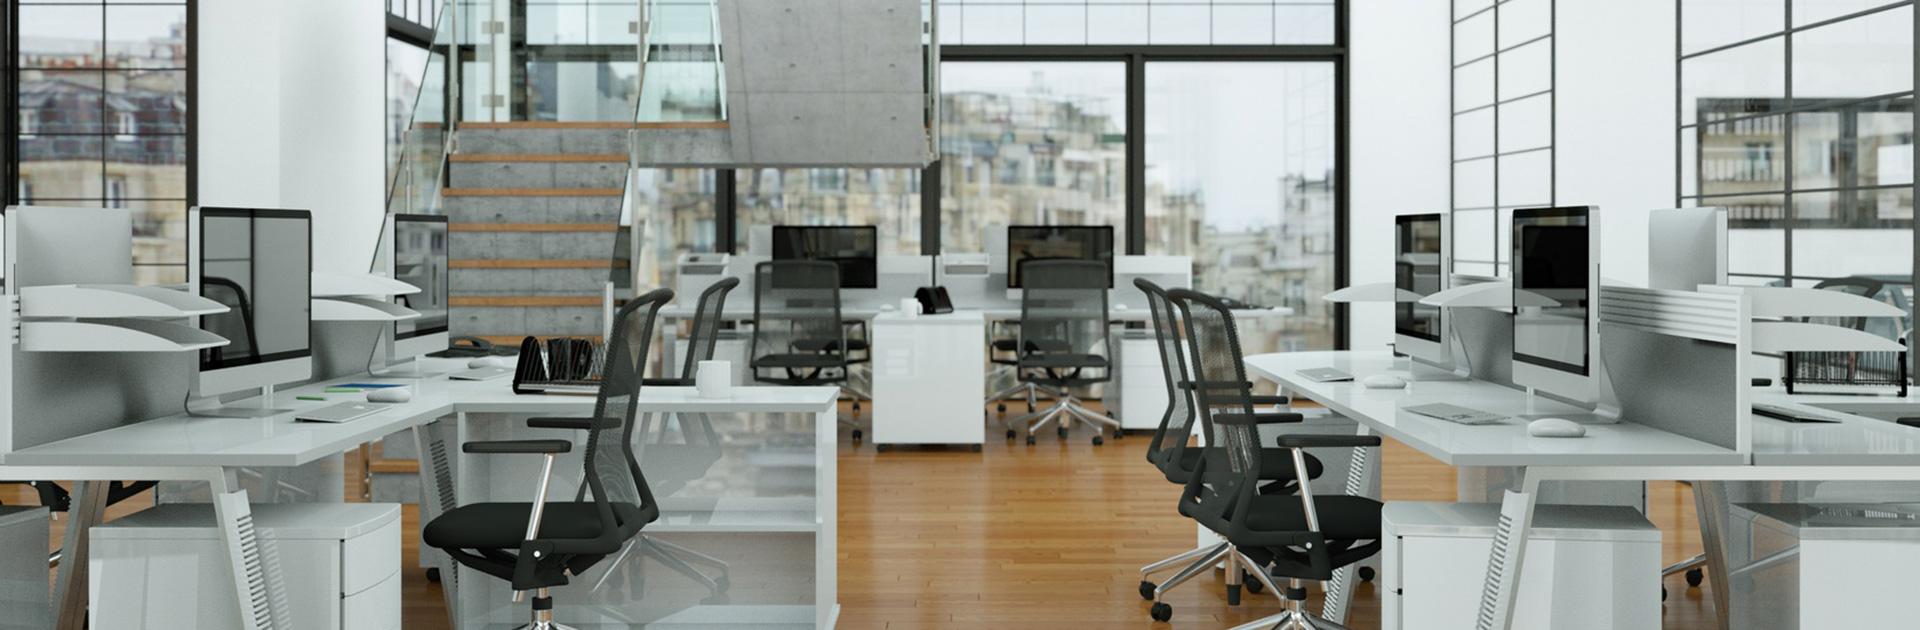 Bürobedarf und Geschäftsausstattung in Ergolding bei Landshut